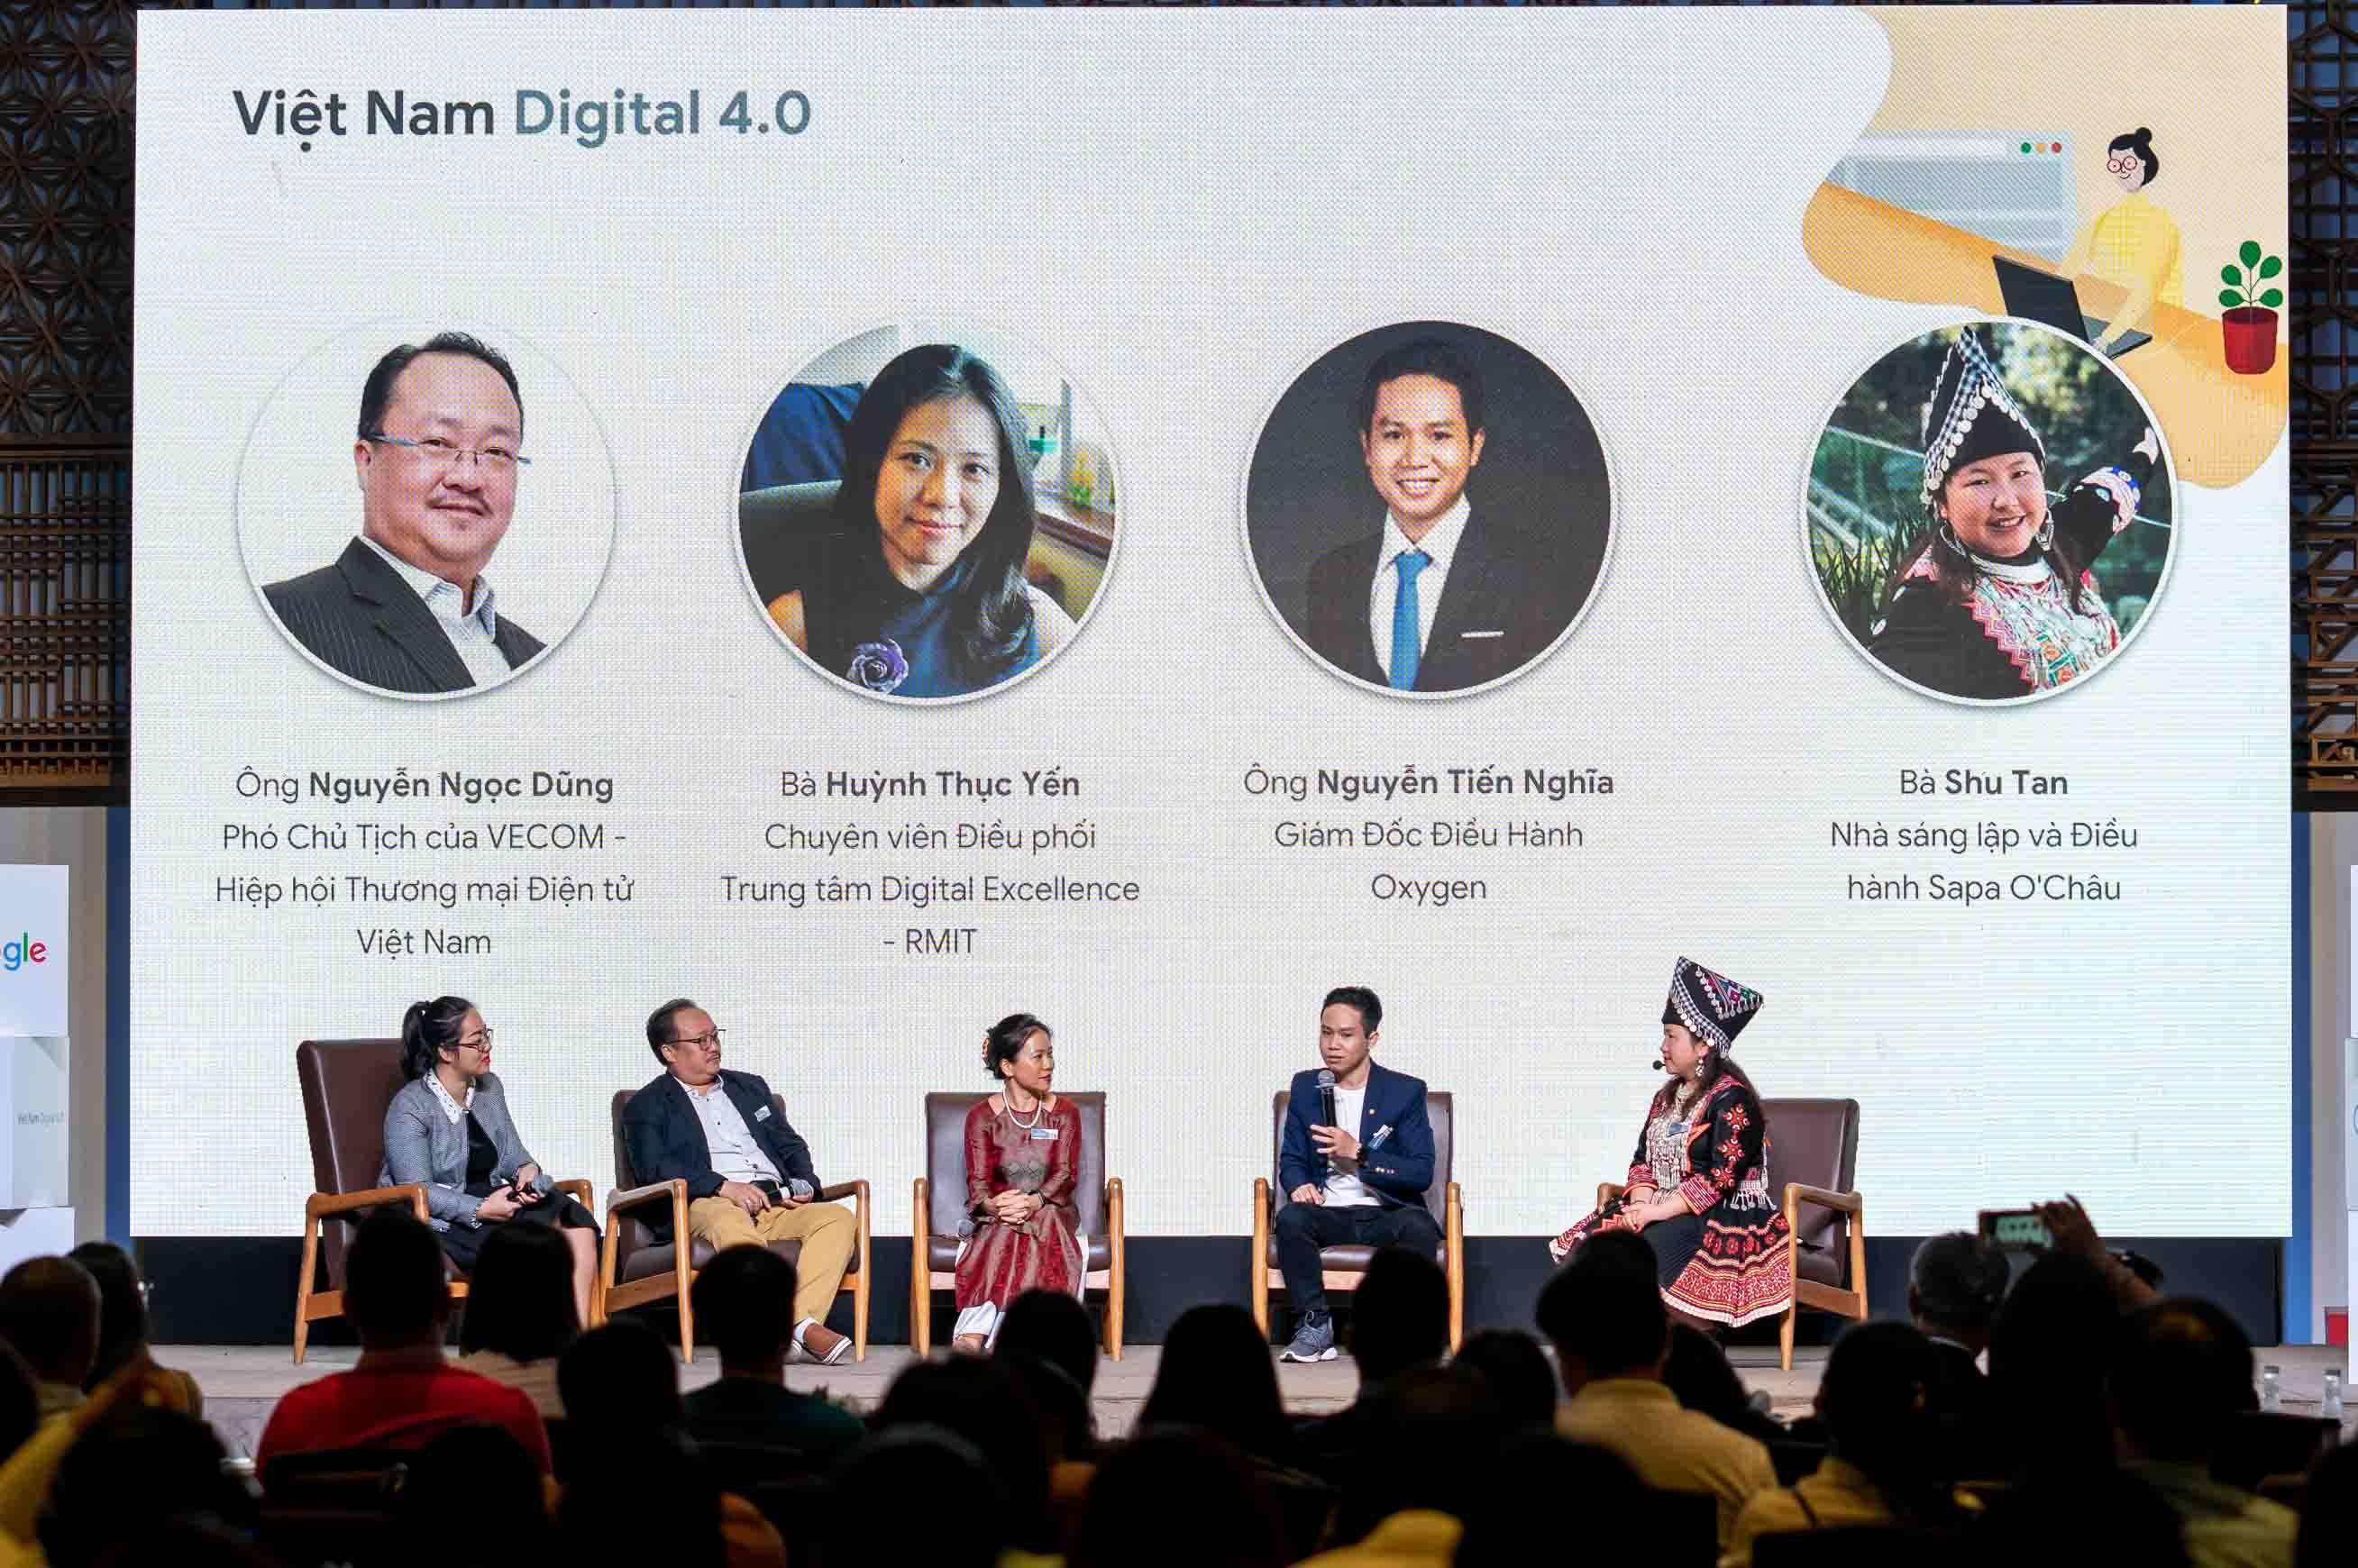 Chương trinh Việt Nam Digital 4.0Chương trinh Việt Nam Digital 4.0